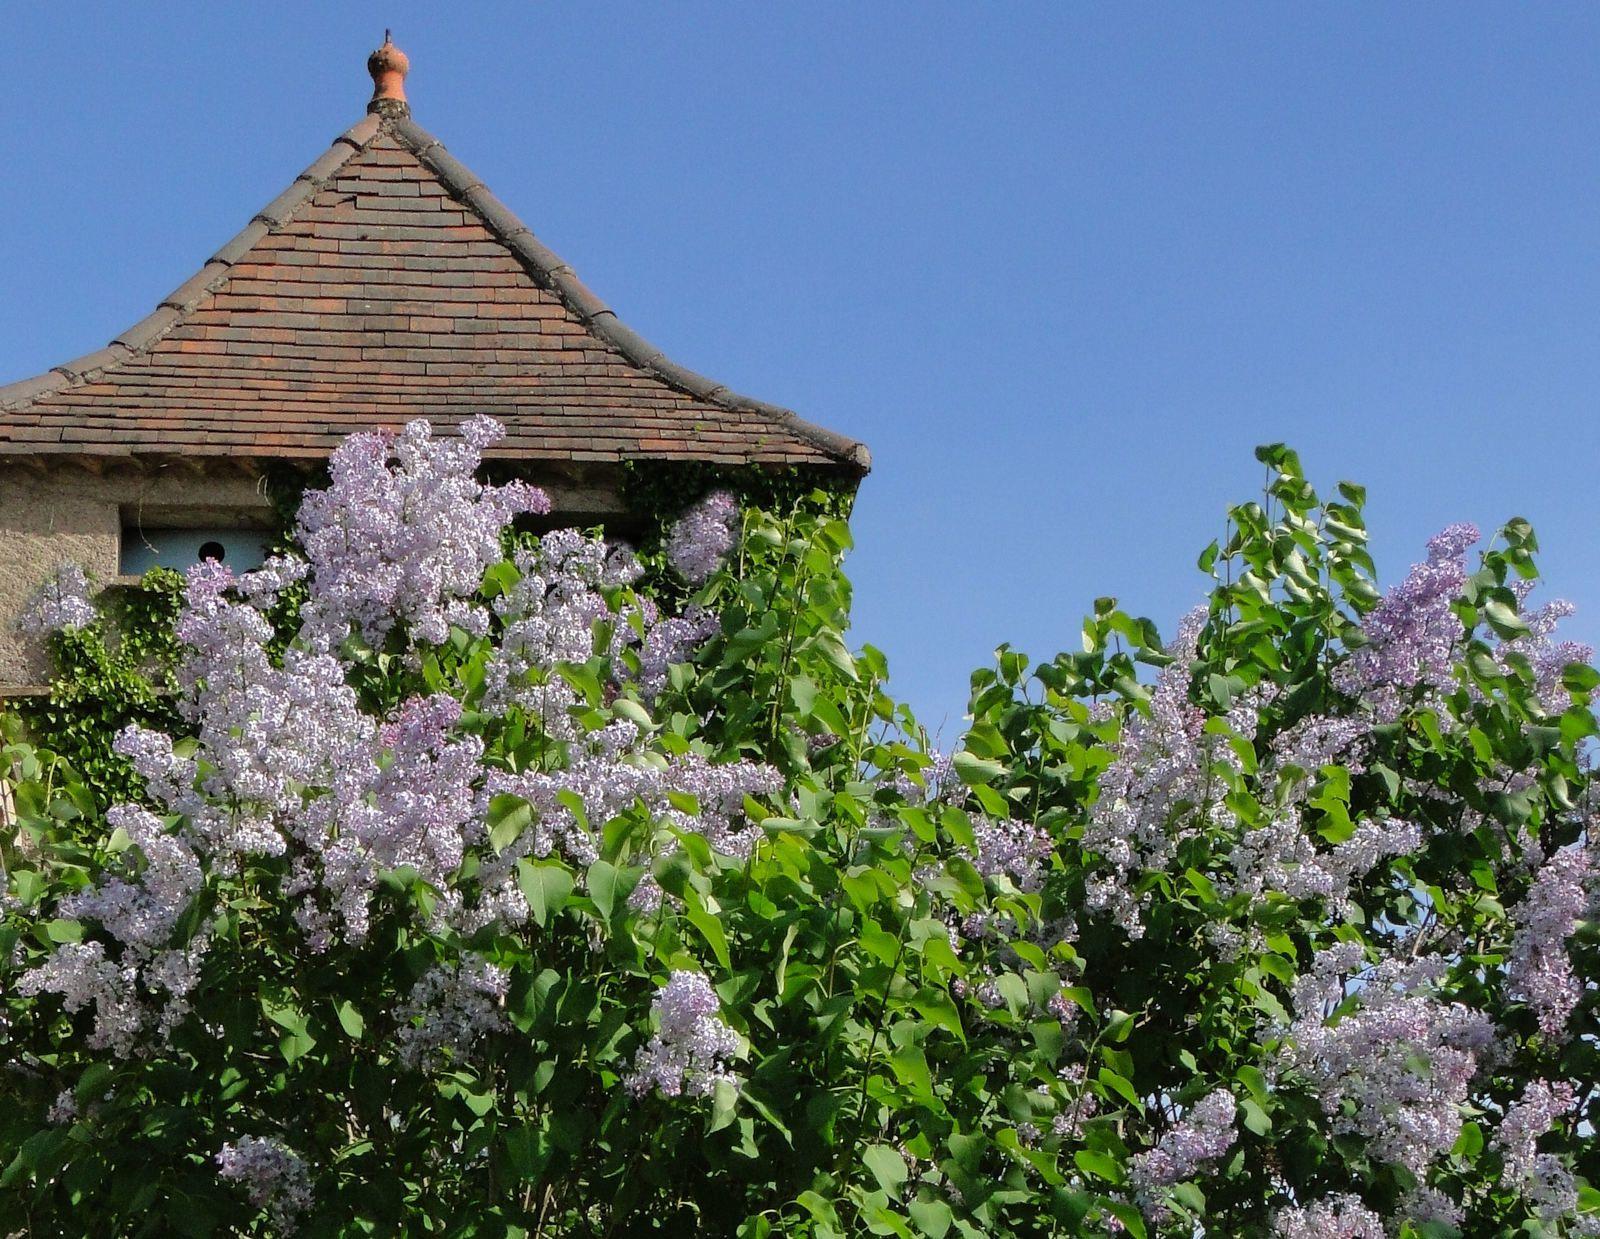 Domaine Les Cyprès - Maison et jardin - le mois d'avril